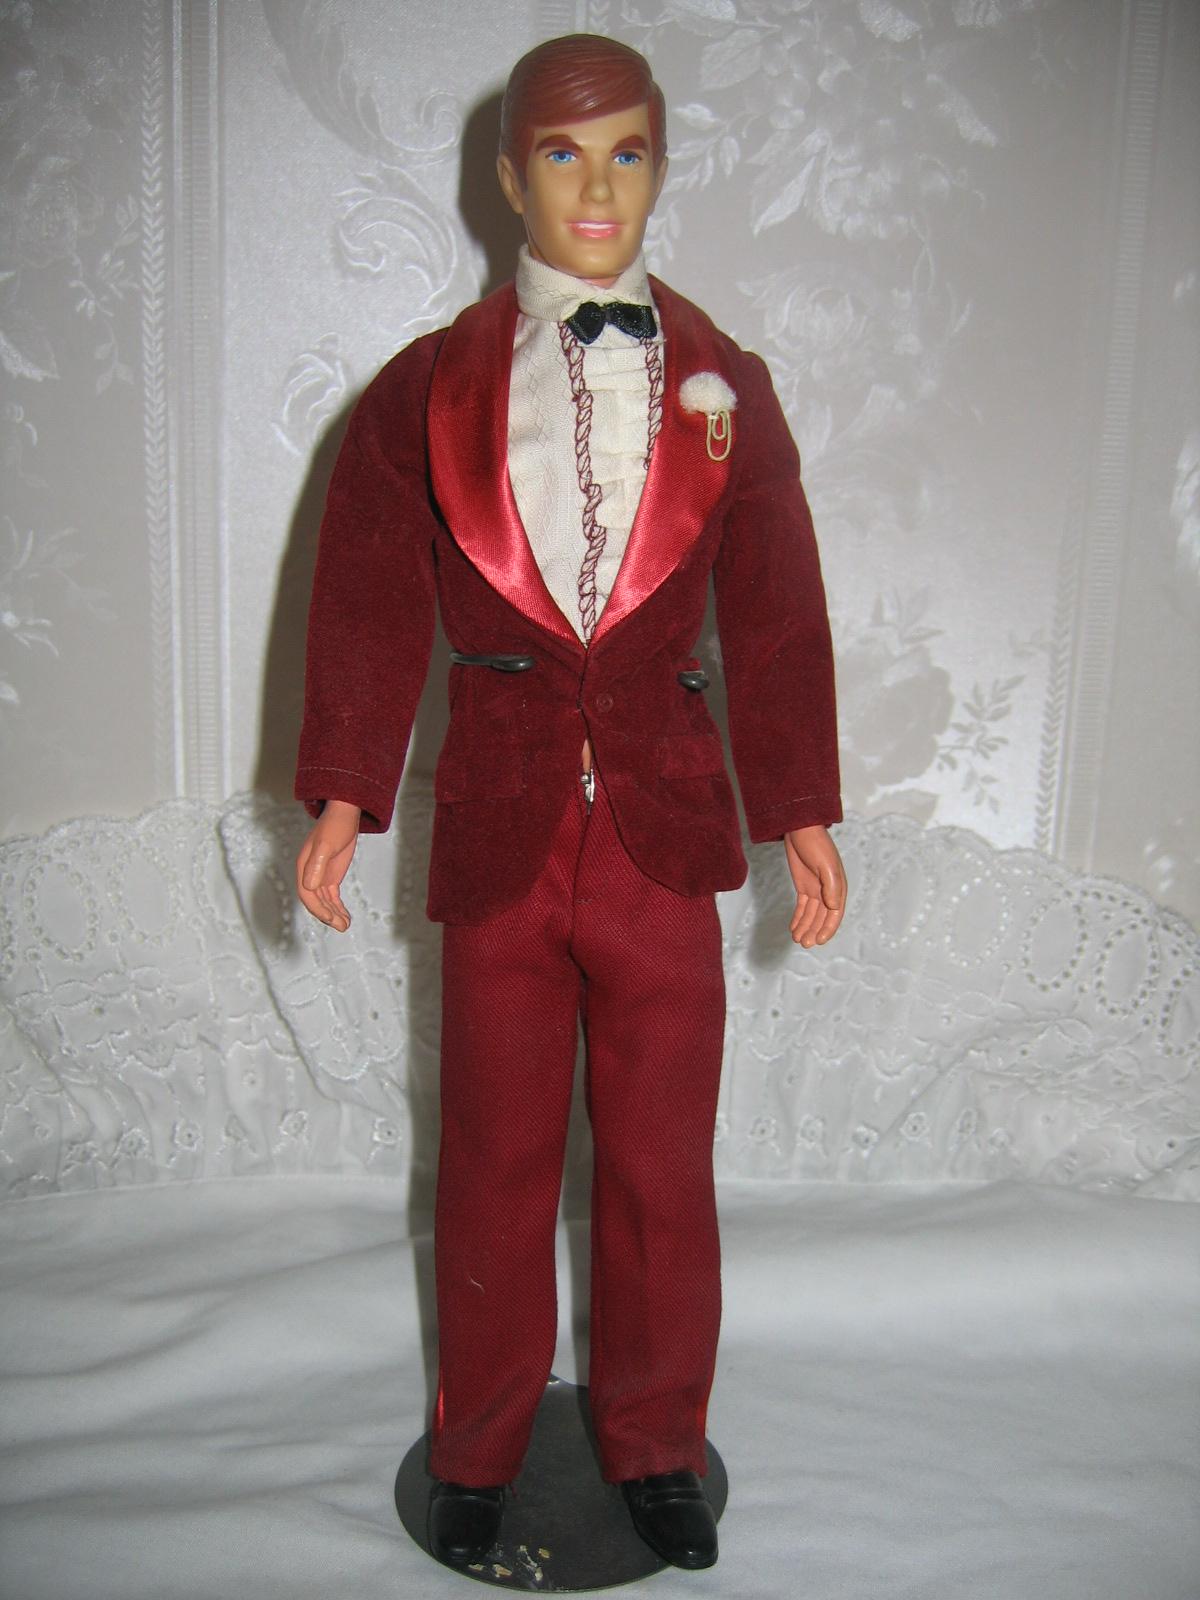 ken doll vintage